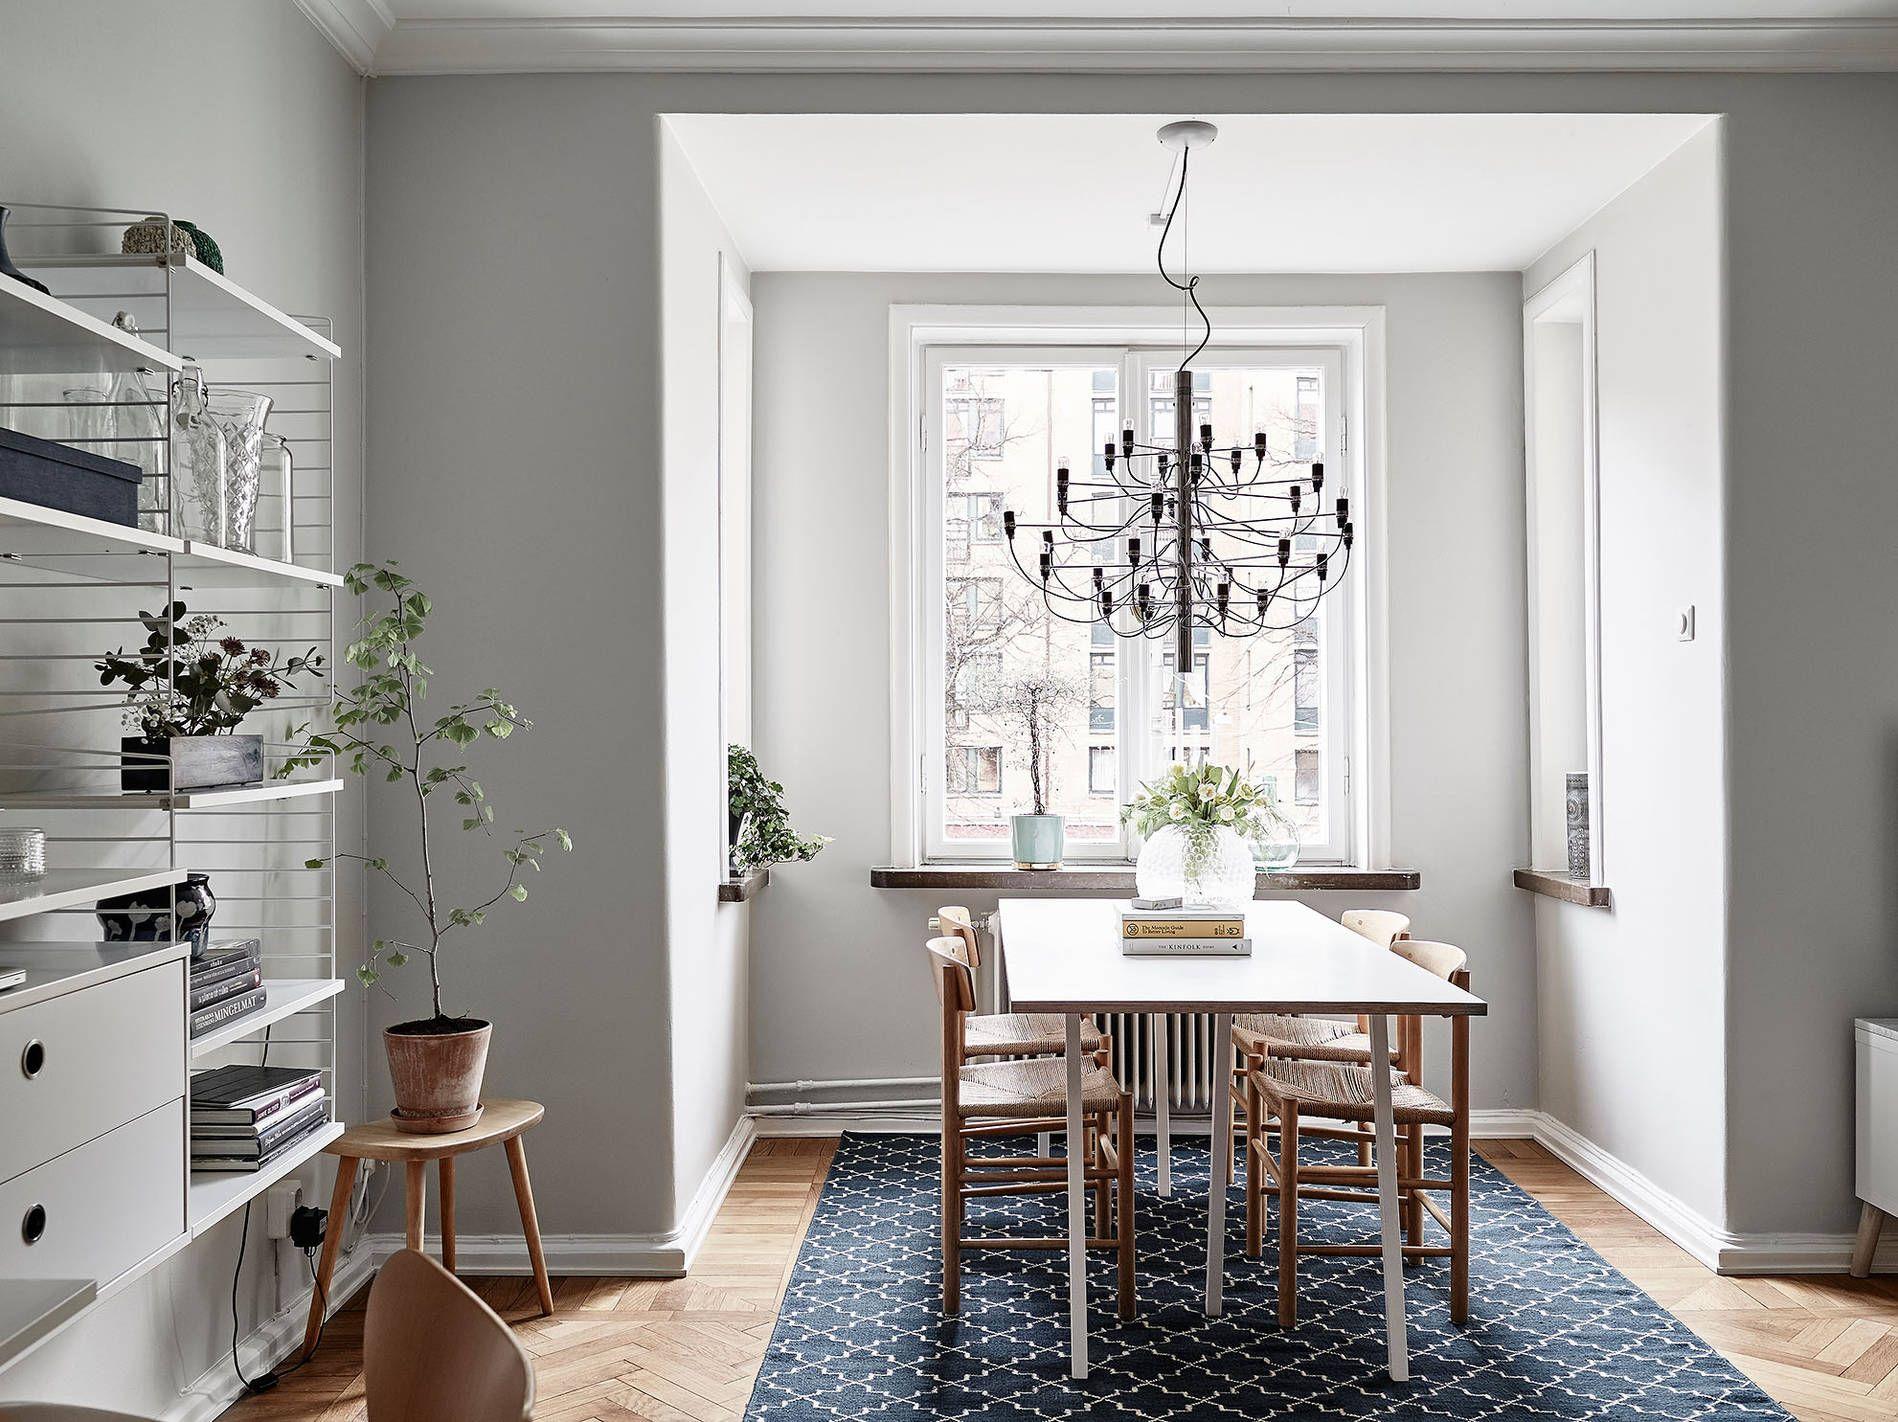 Un apartamento sueco con mucha luz